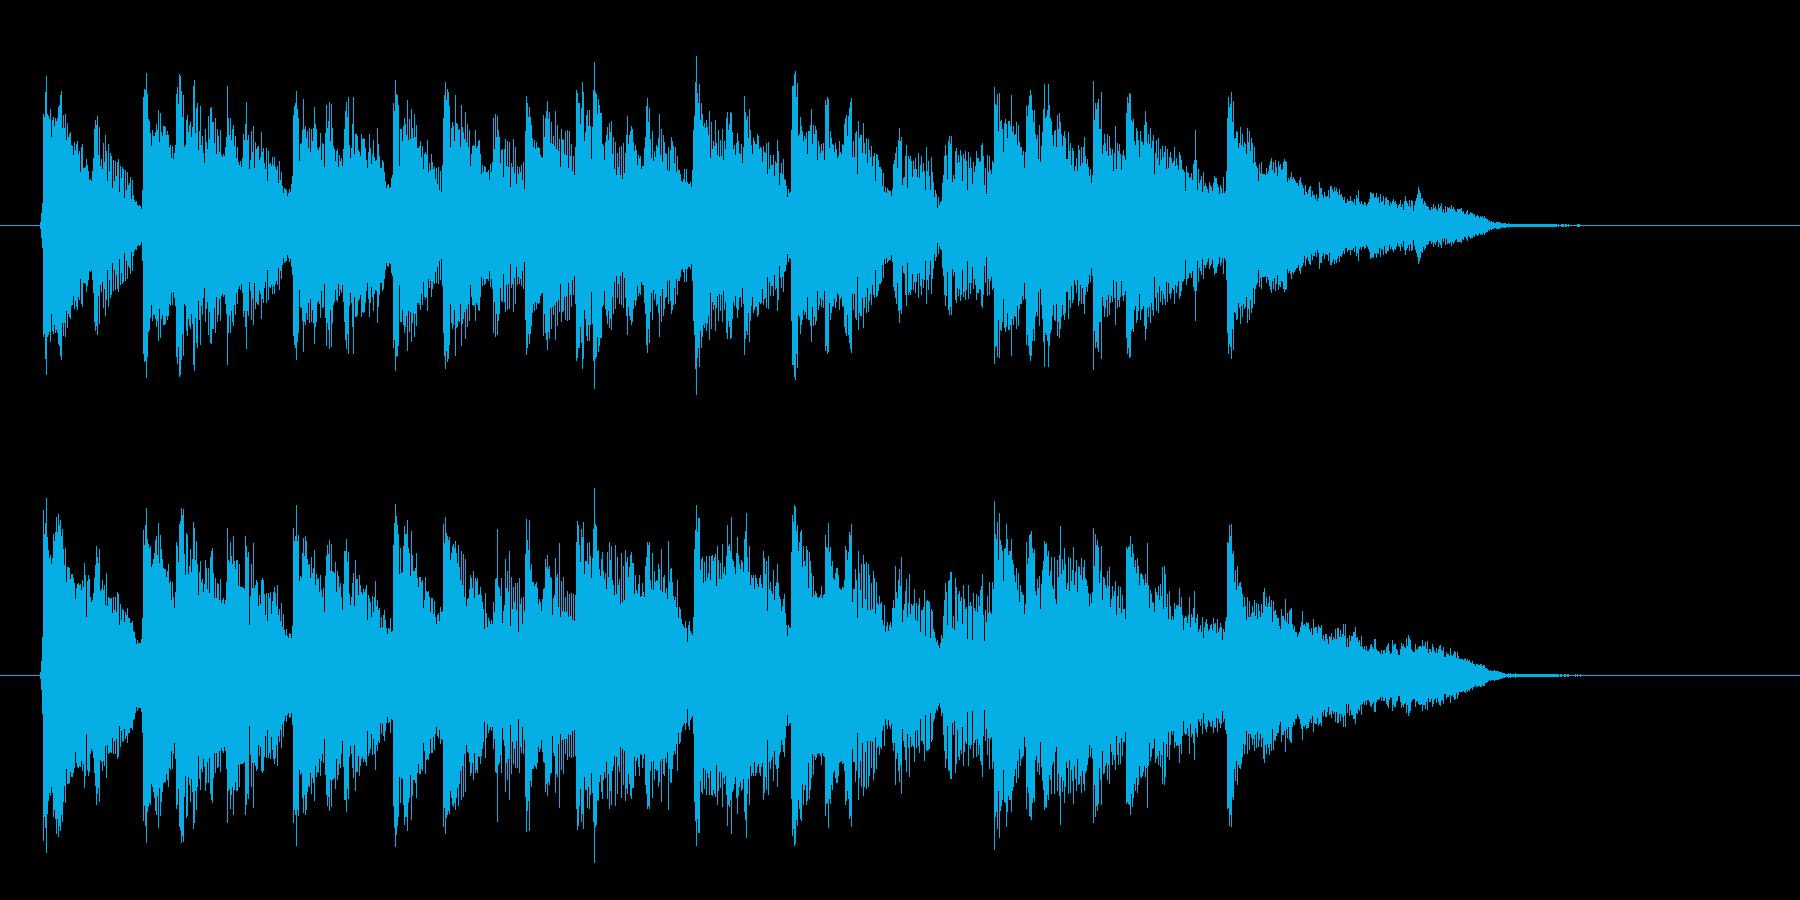 ゆったりとしたリラクゼーション音楽の再生済みの波形